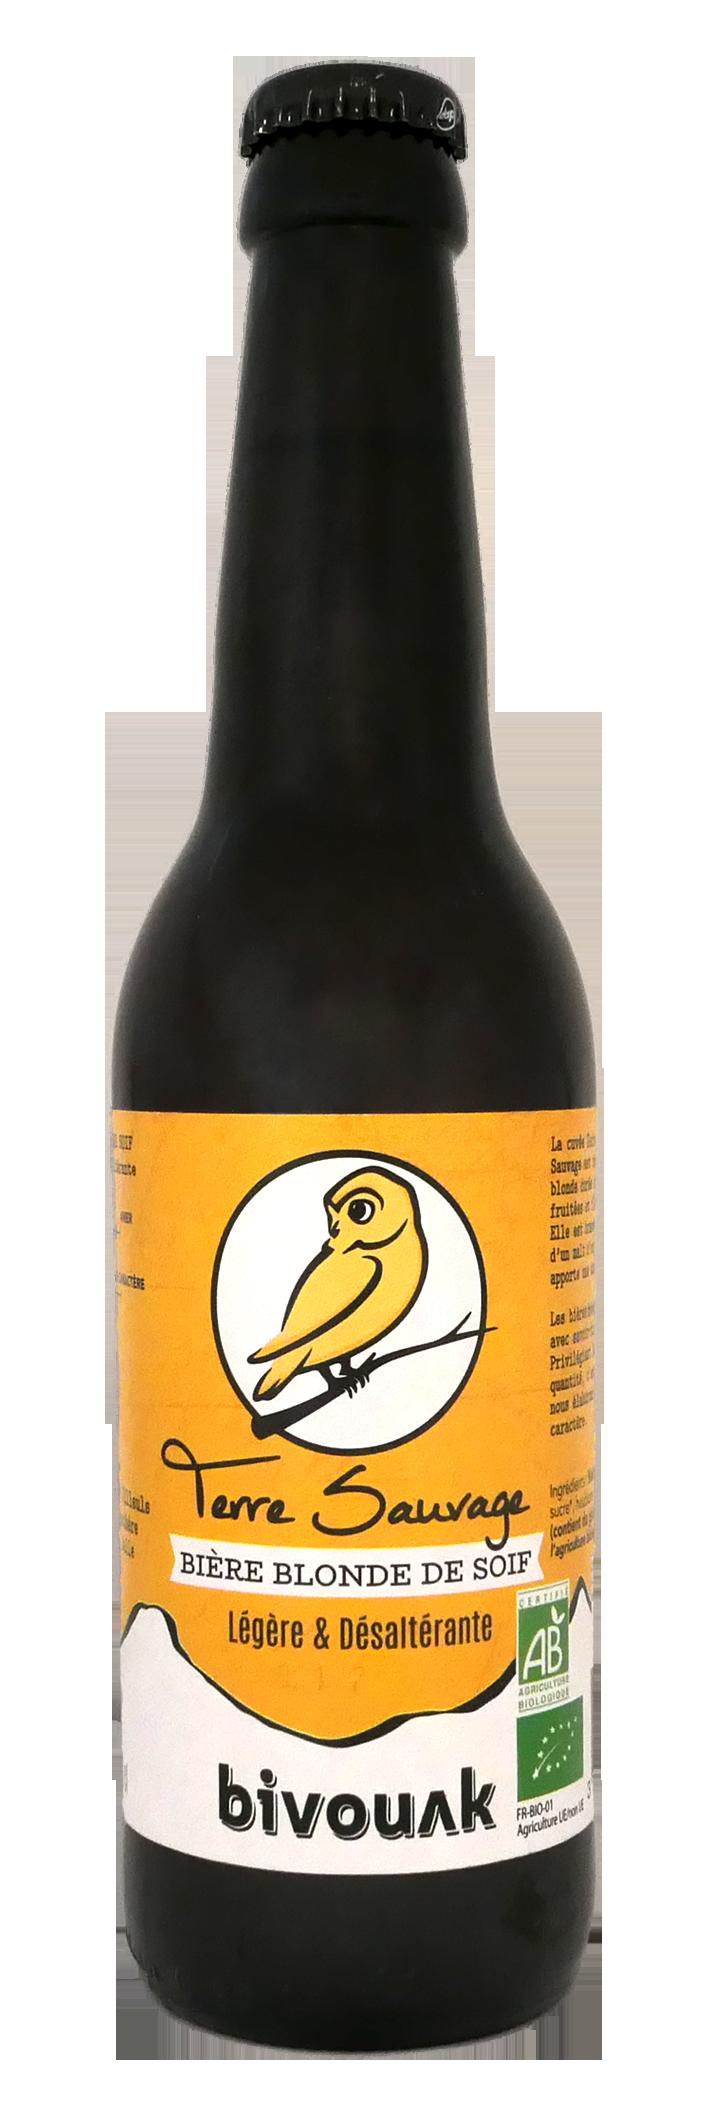 Bivouak- Terre Sauvage - Blonde